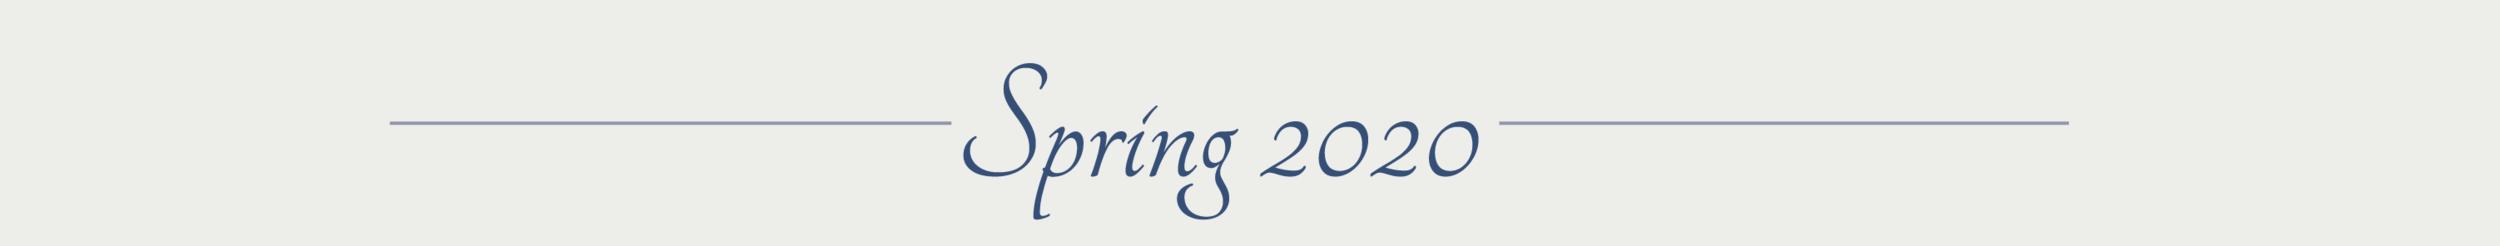 SPRING 2020 HEADER.png